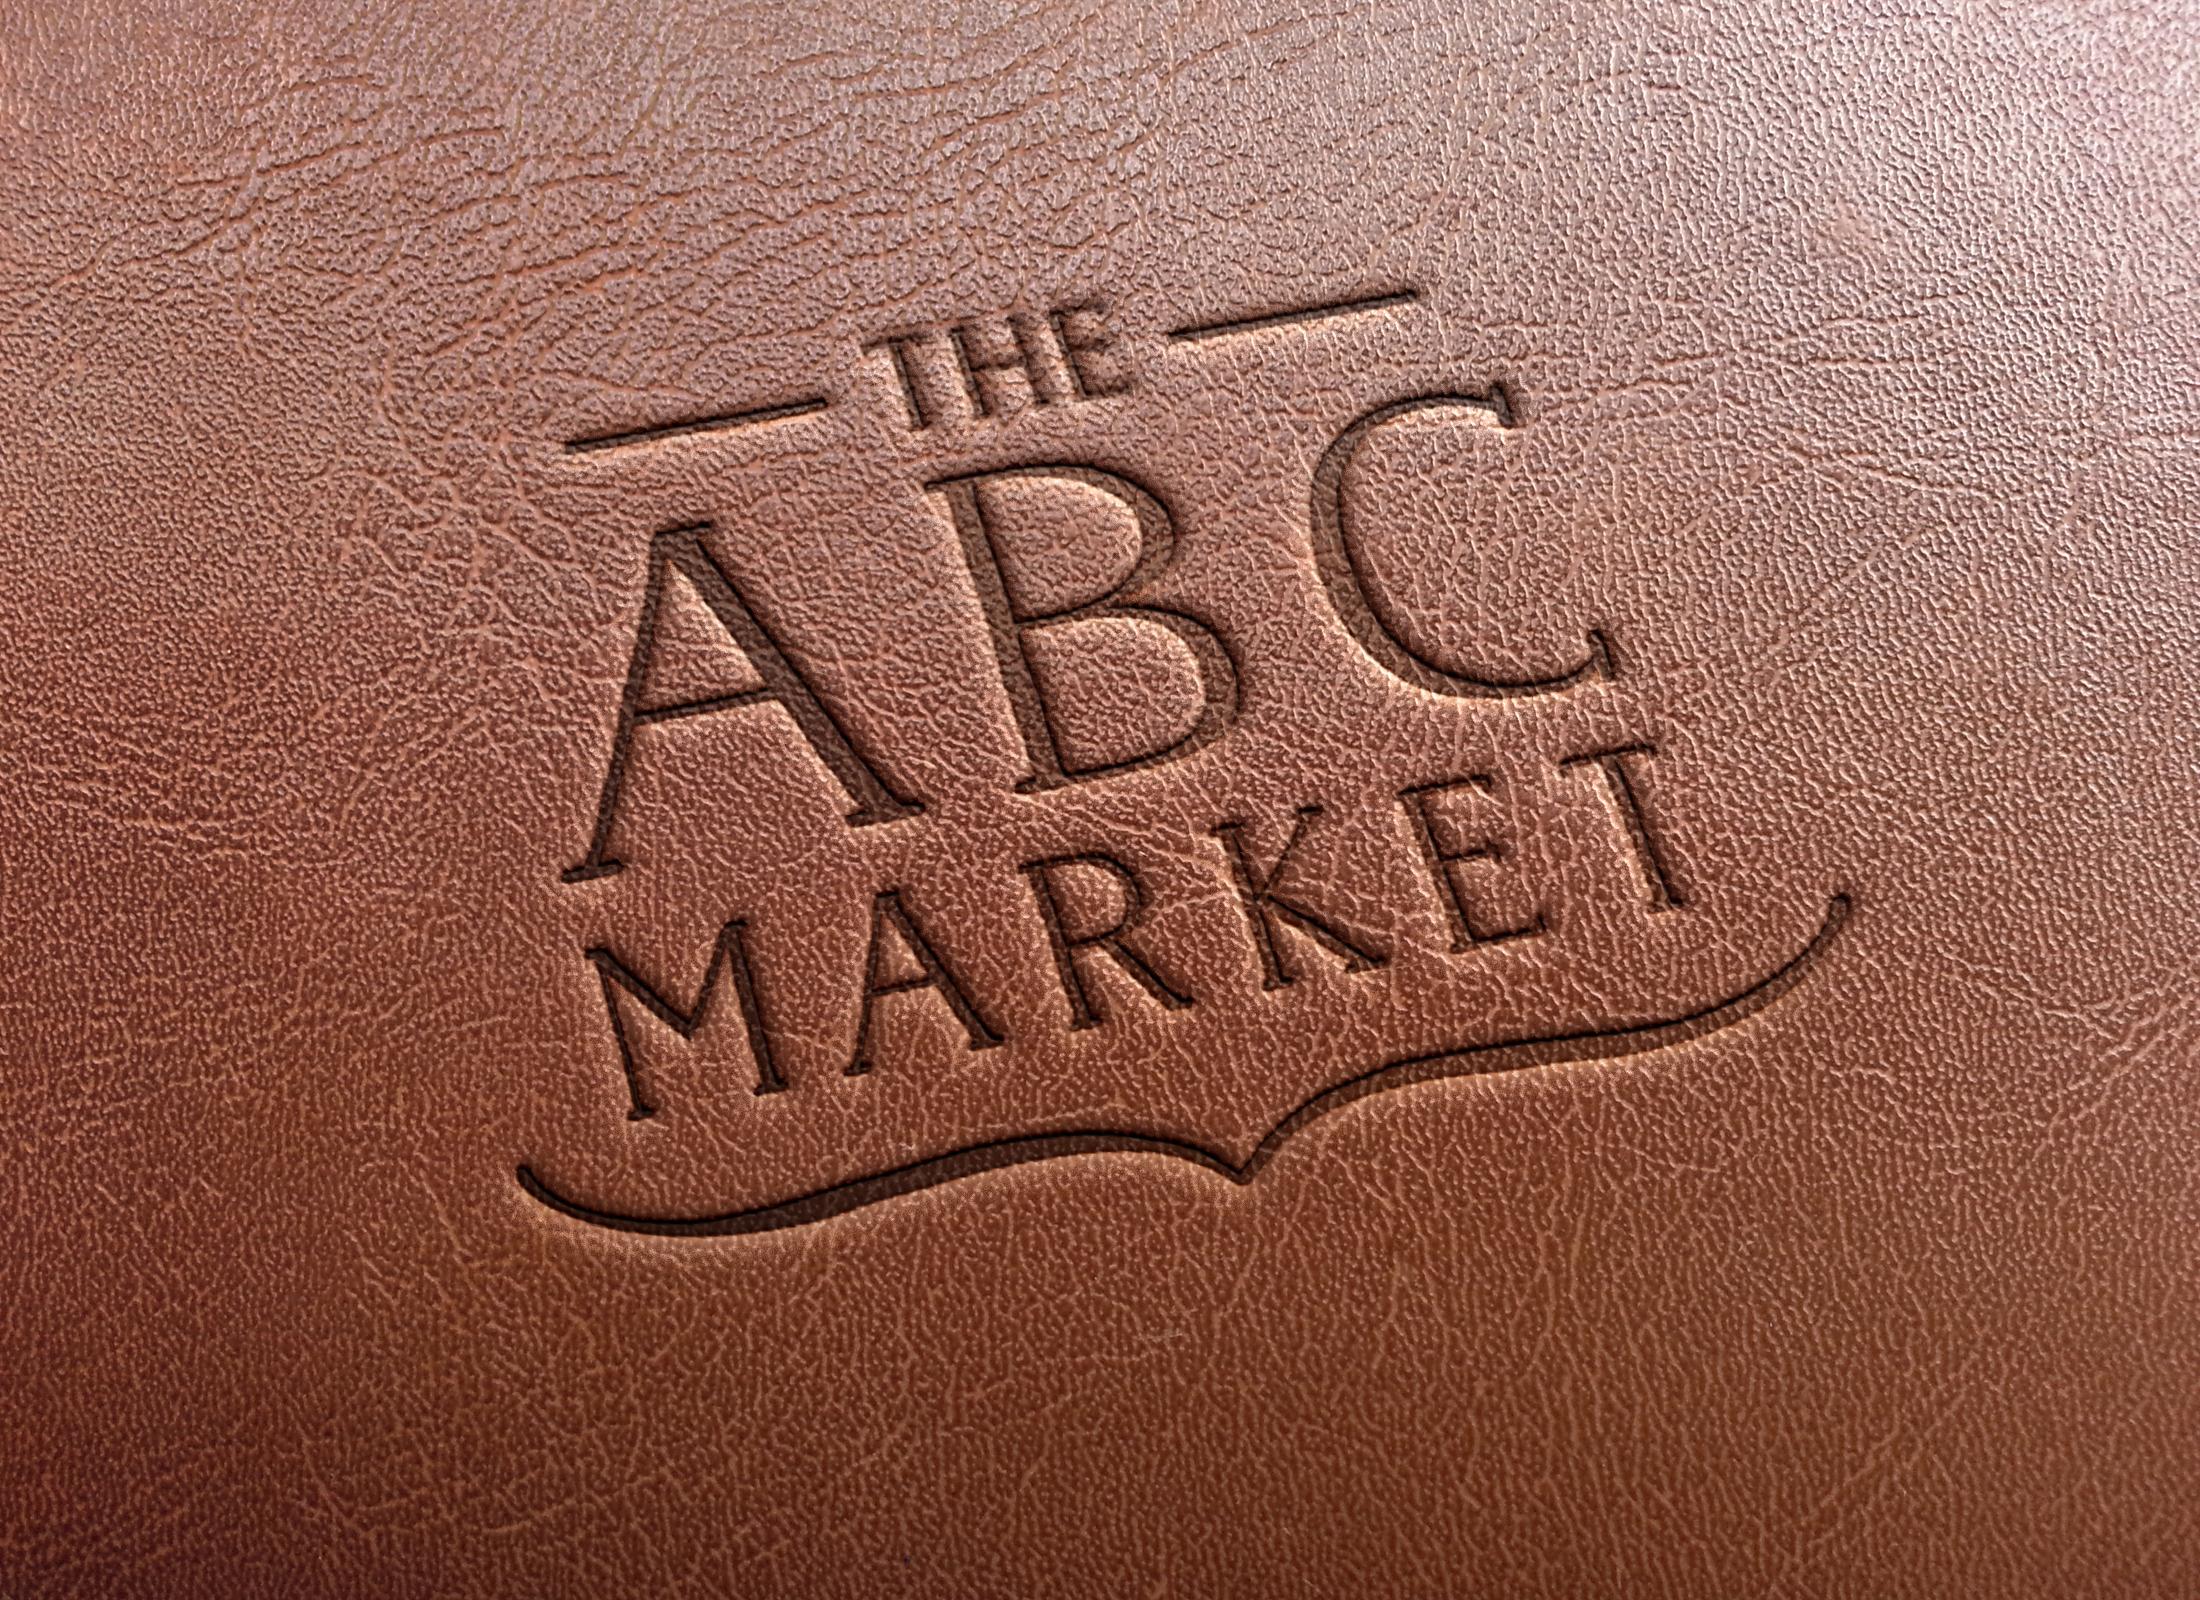 TheABCMarket_logomockup_ThreeHellos